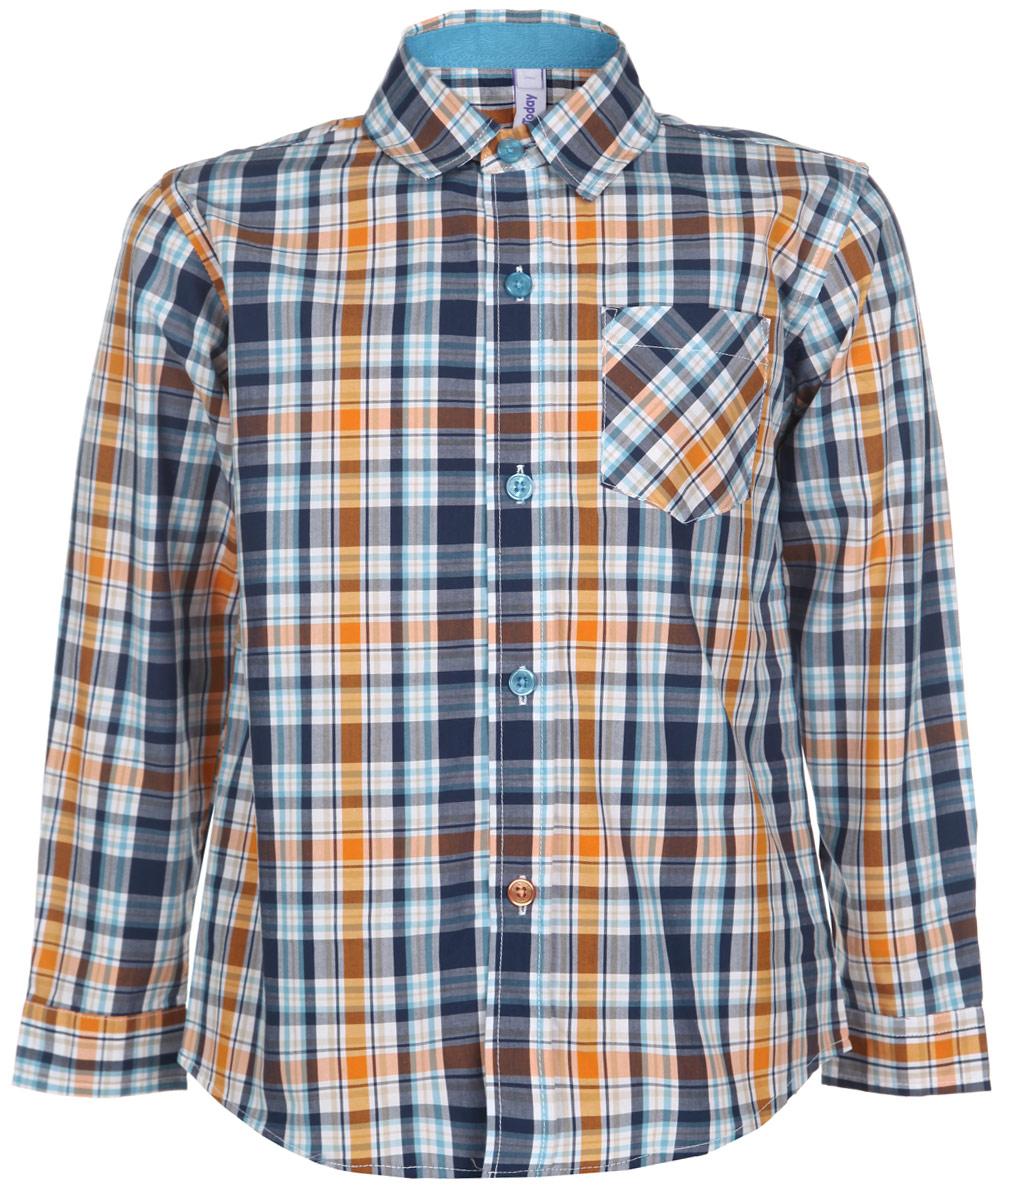 Рубашка для мальчика. 161015161015Стильная рубашка для мальчика PlayToday идеально подойдет вашему ребенку. Изготовленная из натурального хлопка, она мягкая и приятная на ощупь, не сковывает движения и позволяет коже дышать, не раздражает даже самую нежную и чувствительную кожу ребенка, обеспечивая ему наибольший комфорт. Рубашка с длинными рукавами и отложным воротничком застегивается на пластиковые пуговицы по всей длине. Рукава имеют широкие манжеты, также застегивающиеся на пуговицы. Оформлена модель принтом в клетку, дополнена небольшим нашивным кармашком на груди. Низ изделия закруглен. Современный дизайн и модная расцветка делают эту рубашку стильным предметом детского гардероба. Ее можно носить как с джинсами, так и с классическими брюками.